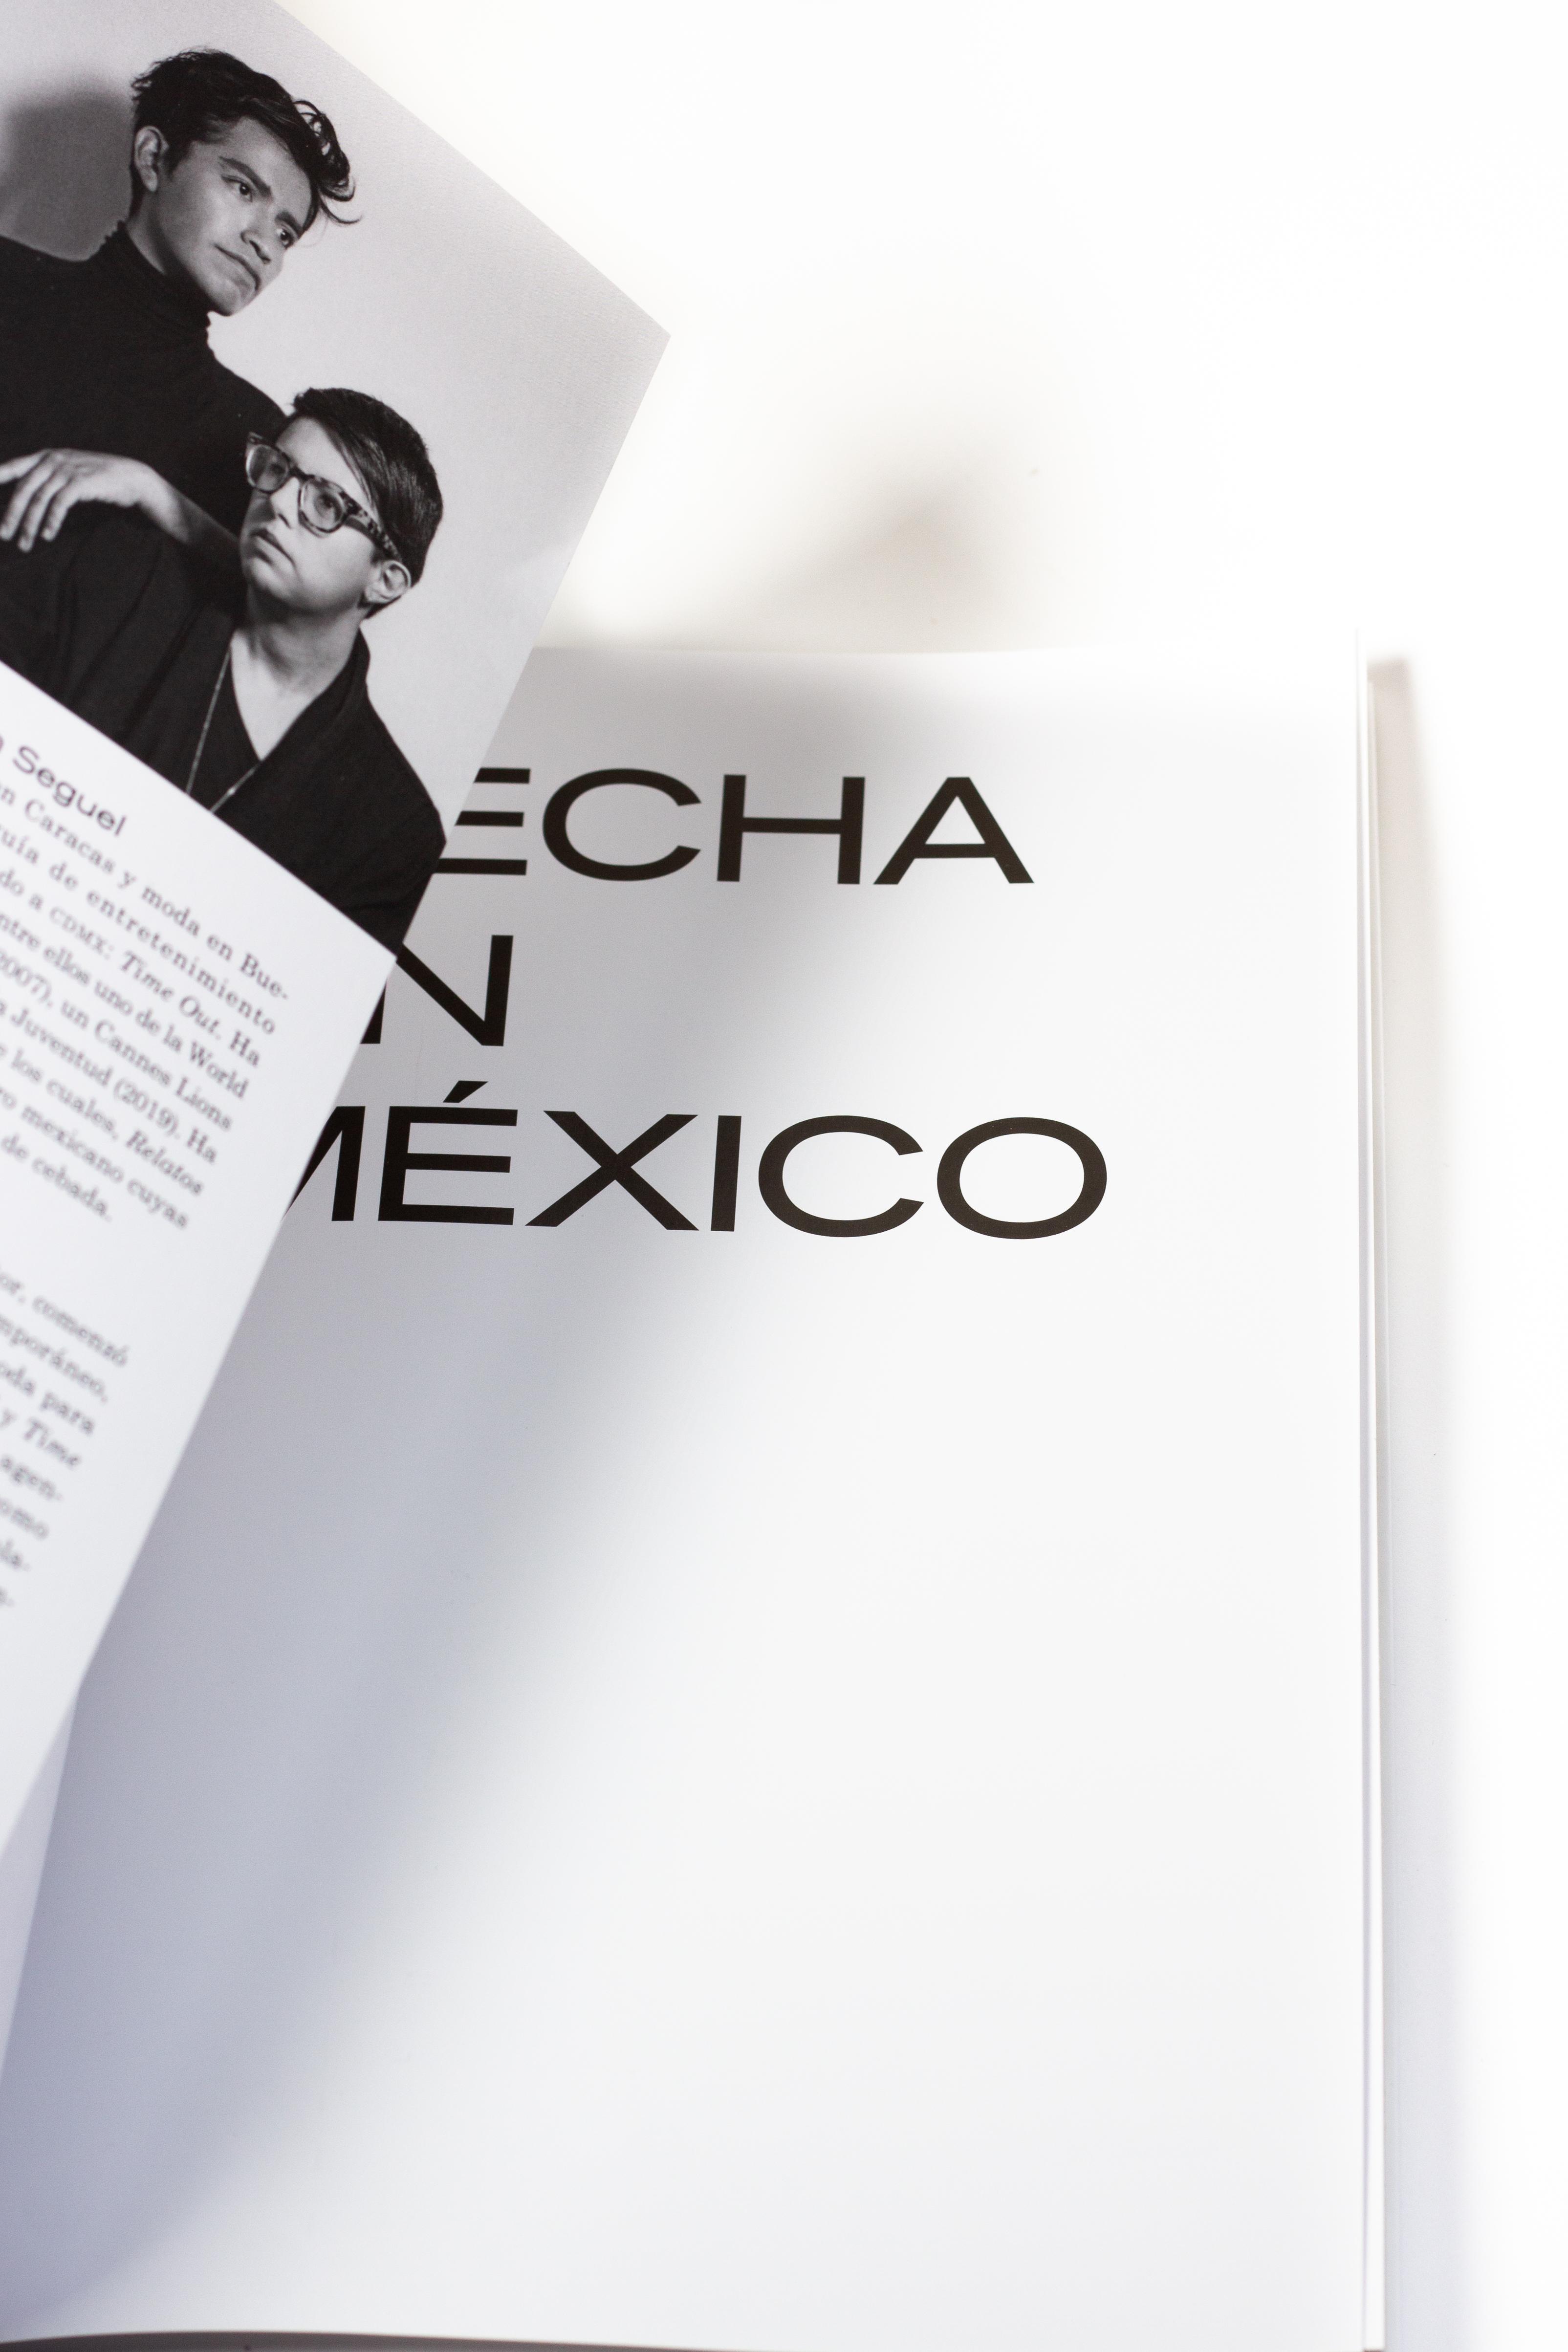 Colectivo de Diseño Mexicano